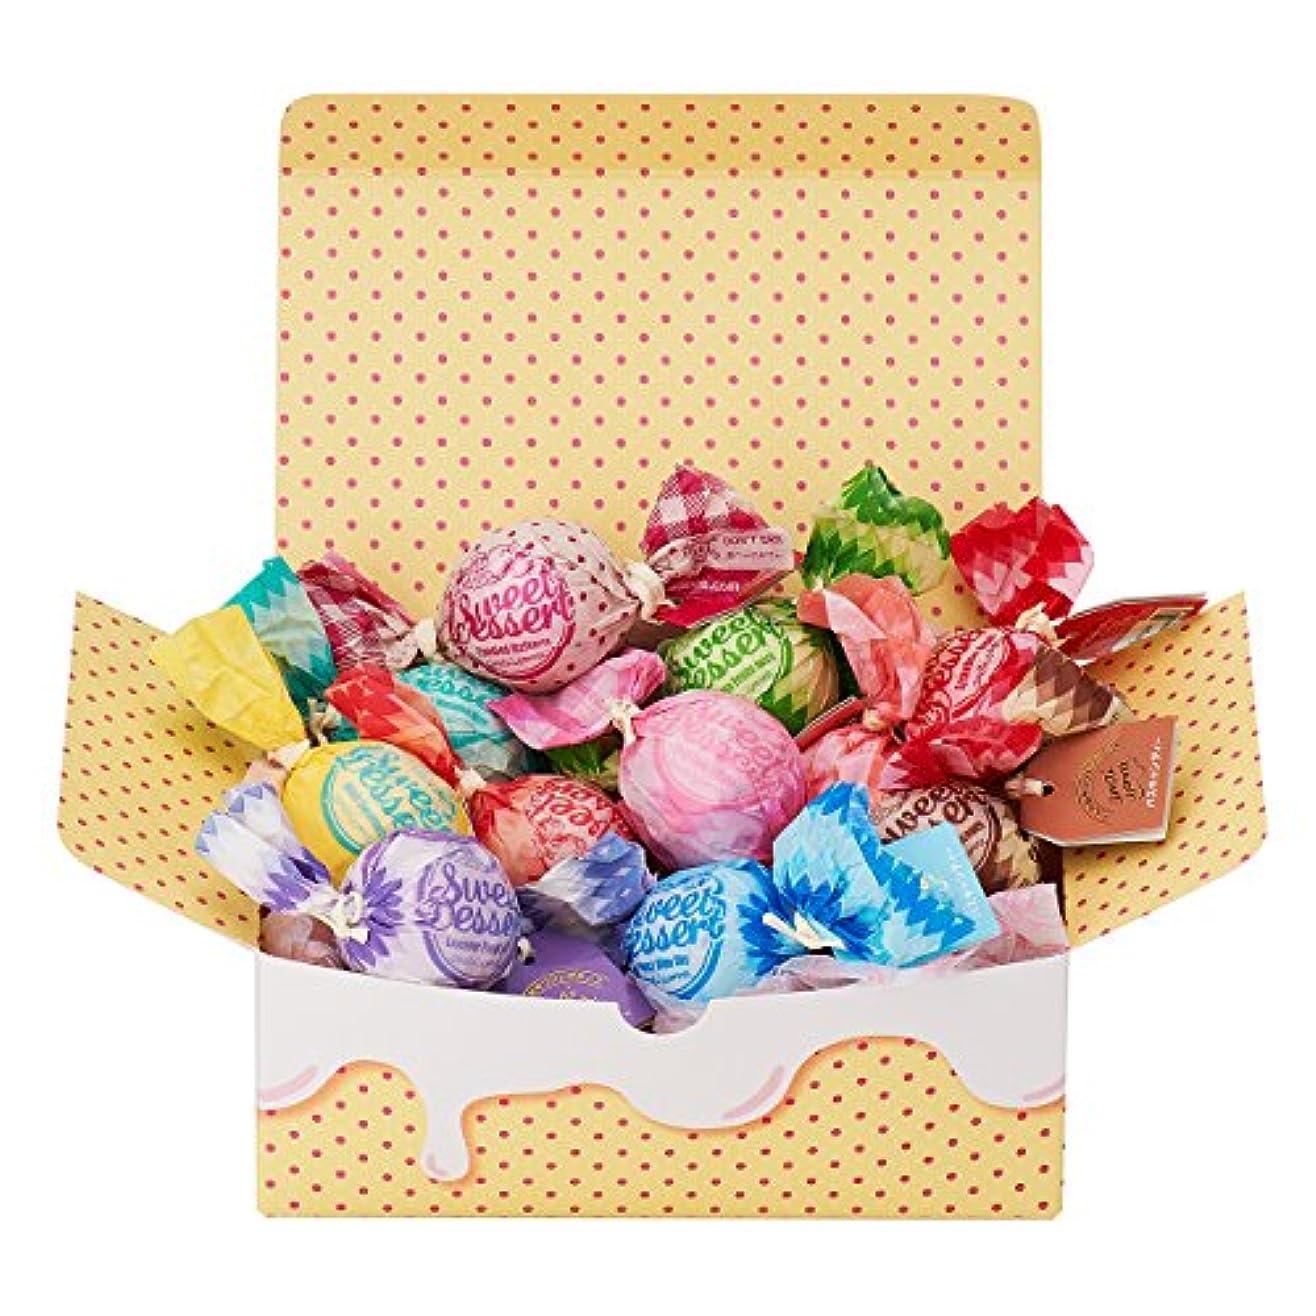 ページ狼悲しいことにアマイワナ 11粒のしあわせ(箱入りバスギフト キャンディー型入浴料×11個)